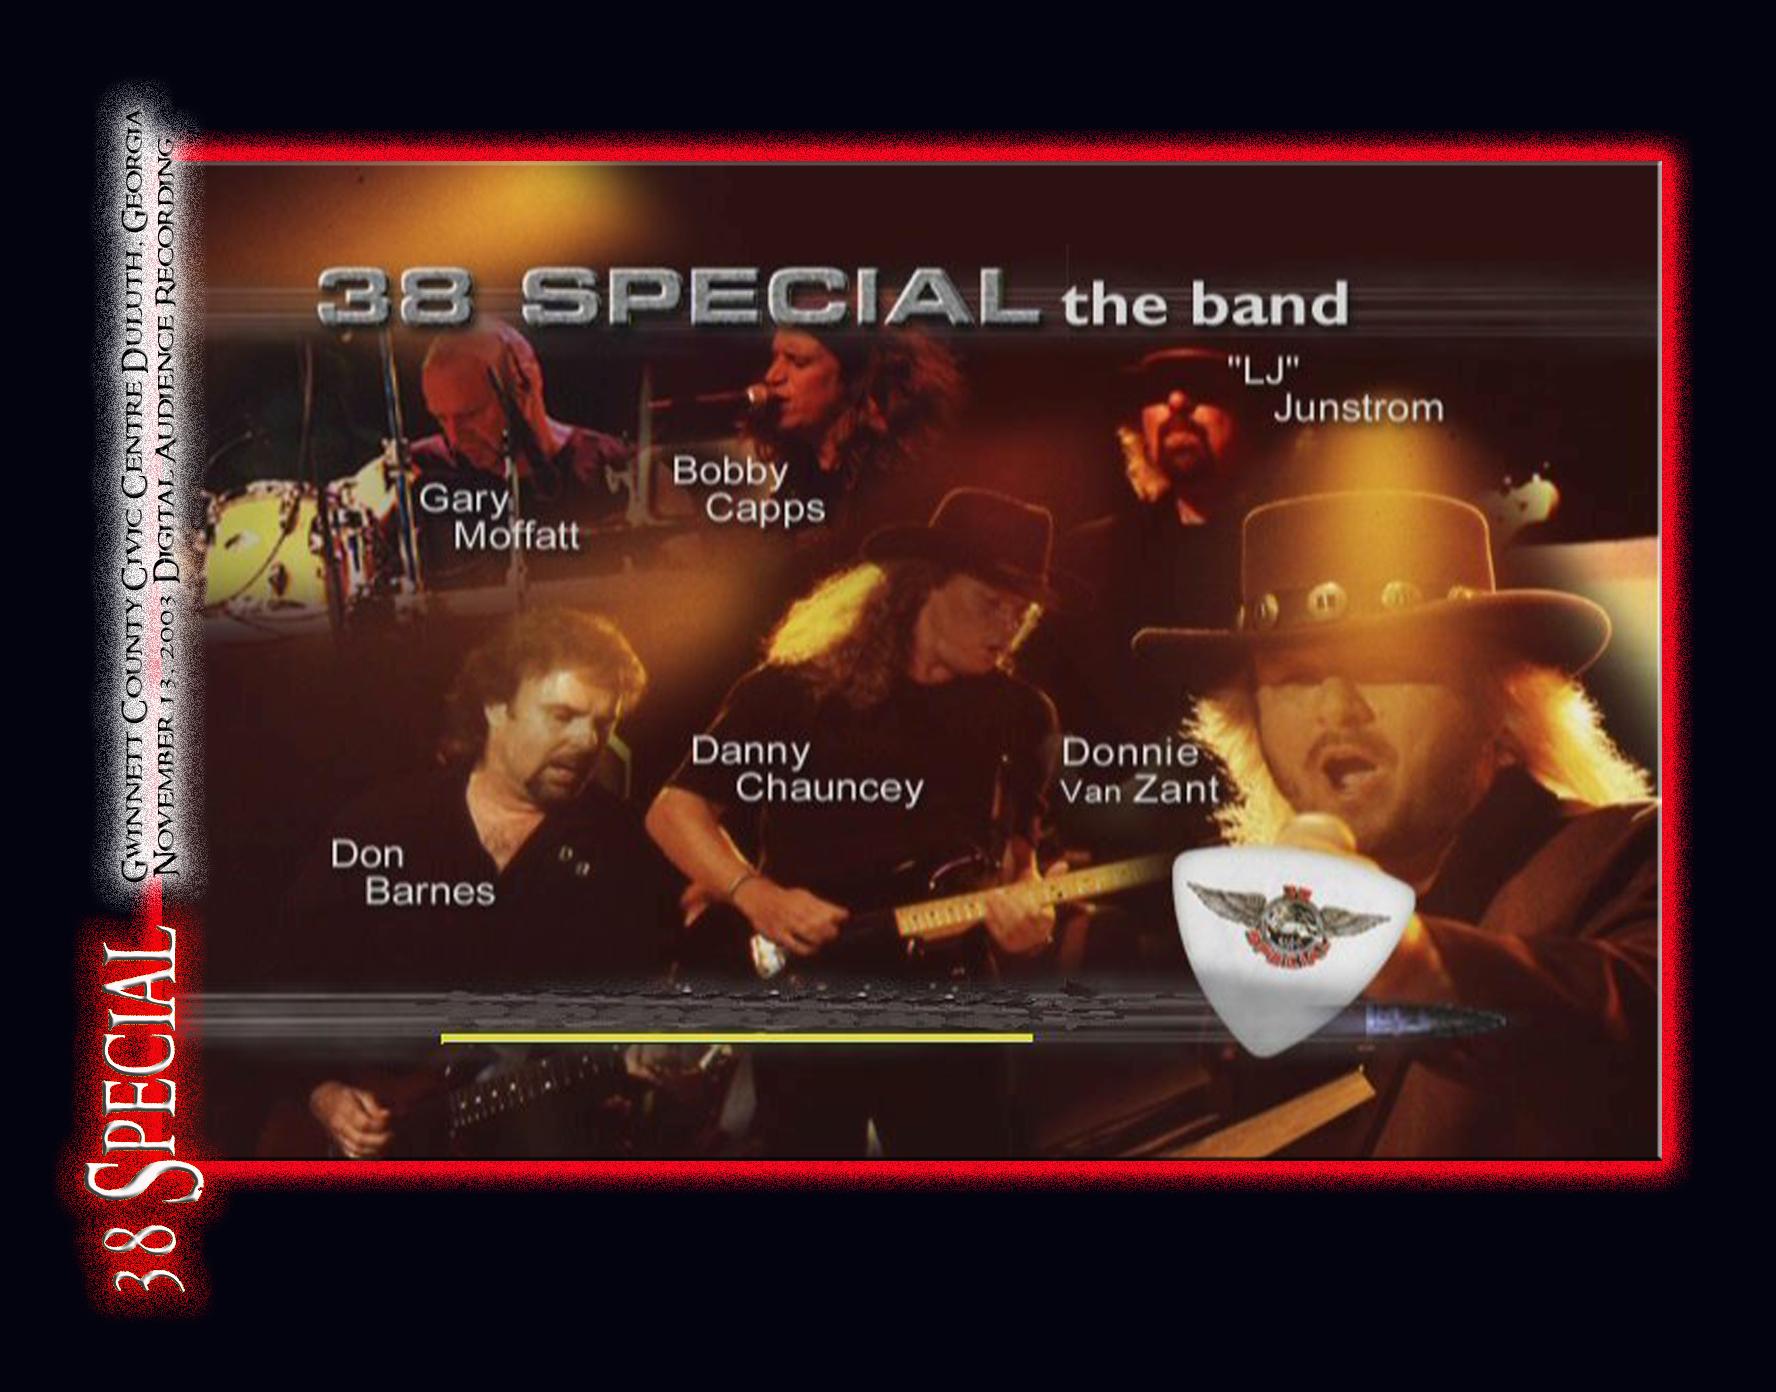 38Special2003-11-13GwinnettCenterDuluthGA2.jpg